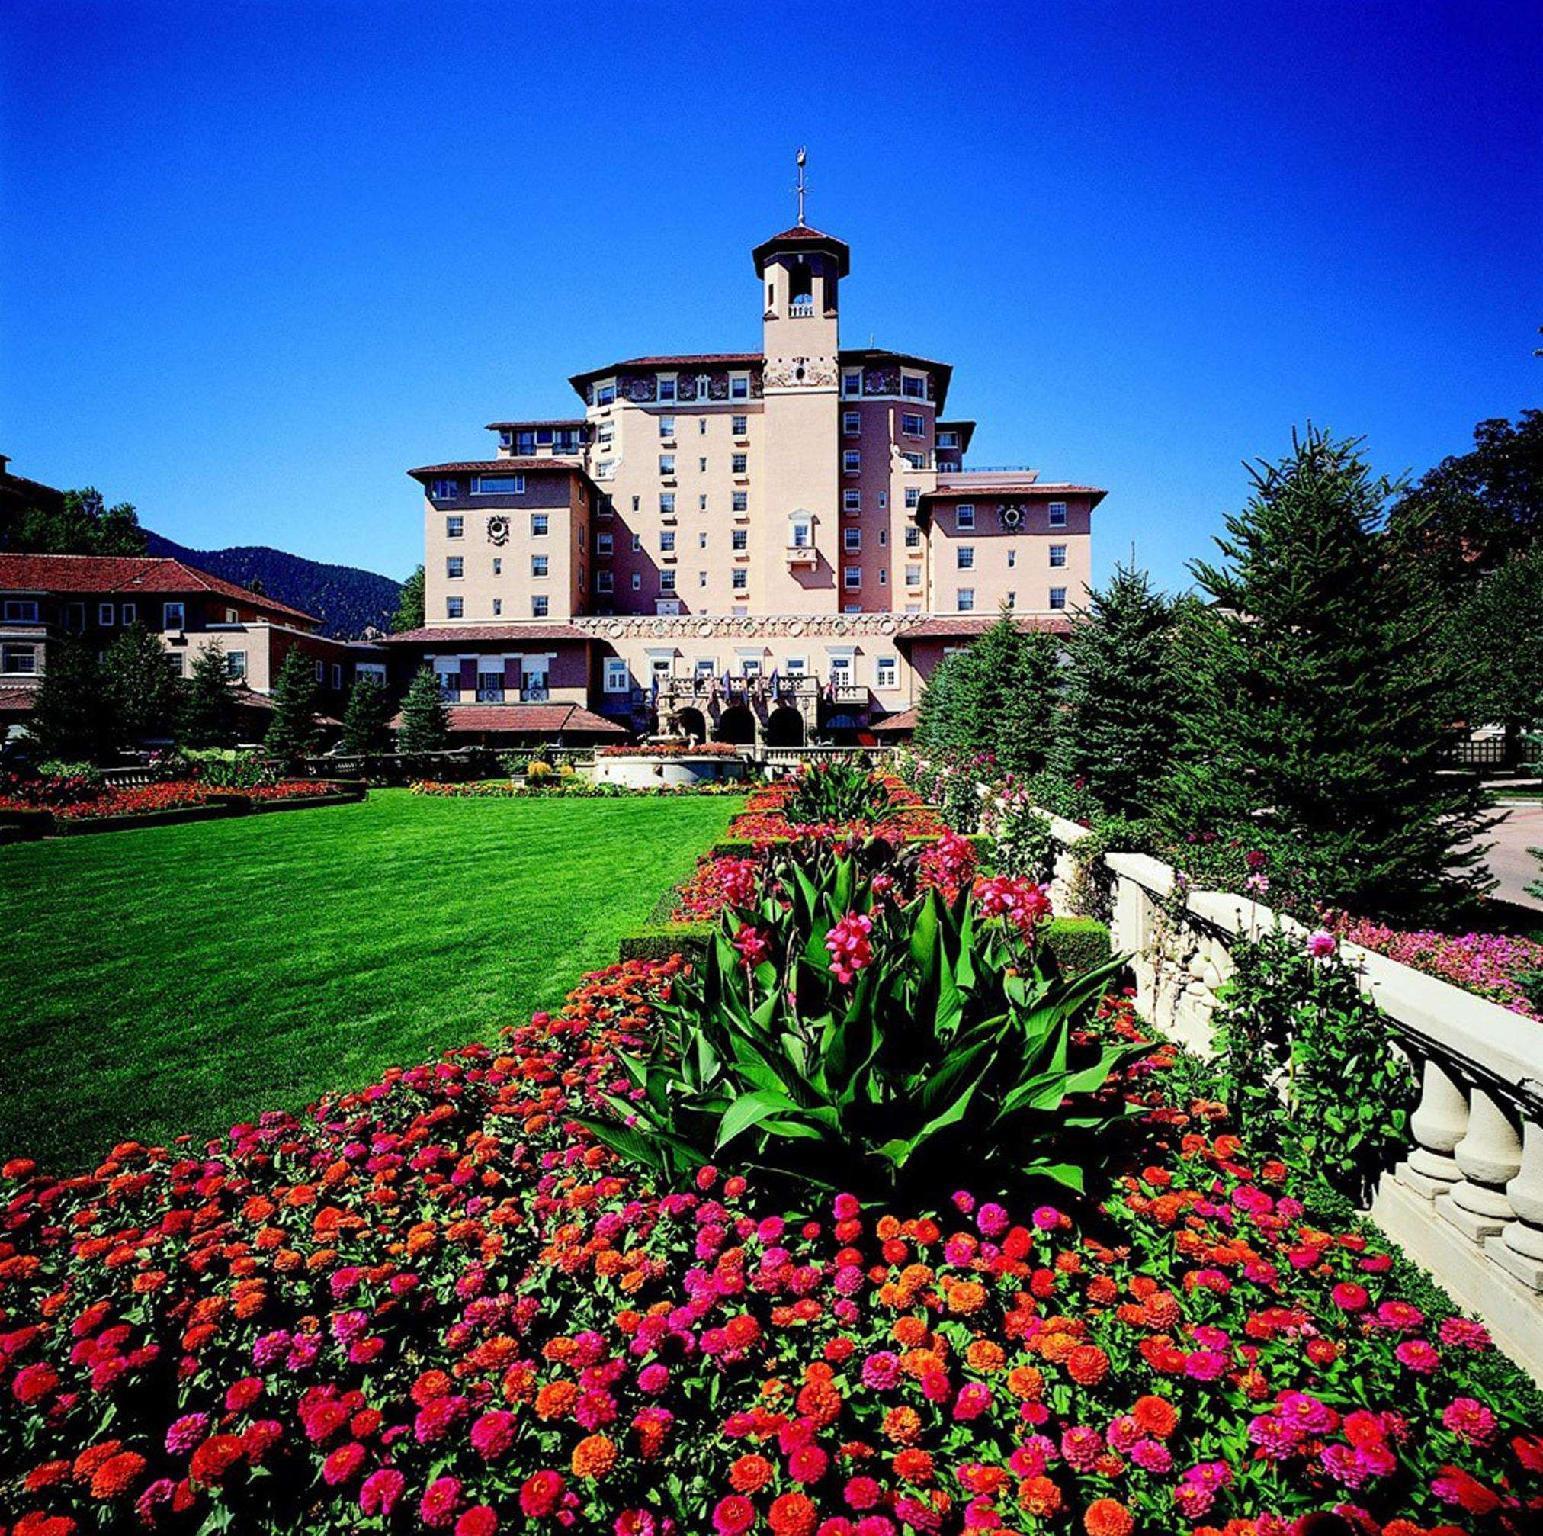 The Broadmoor, El Paso